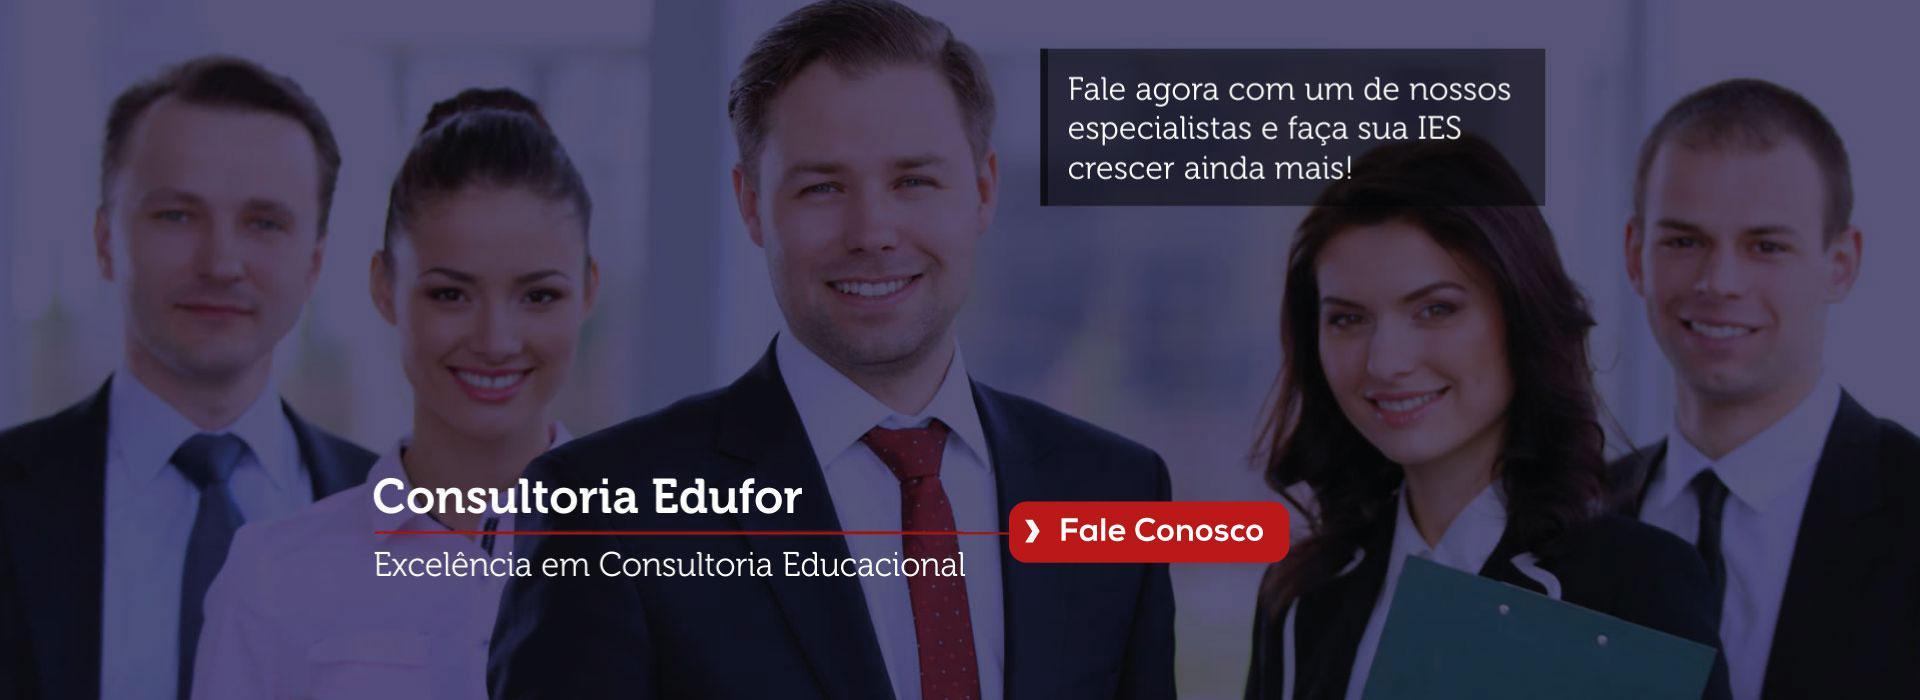 Consultoria Edufor